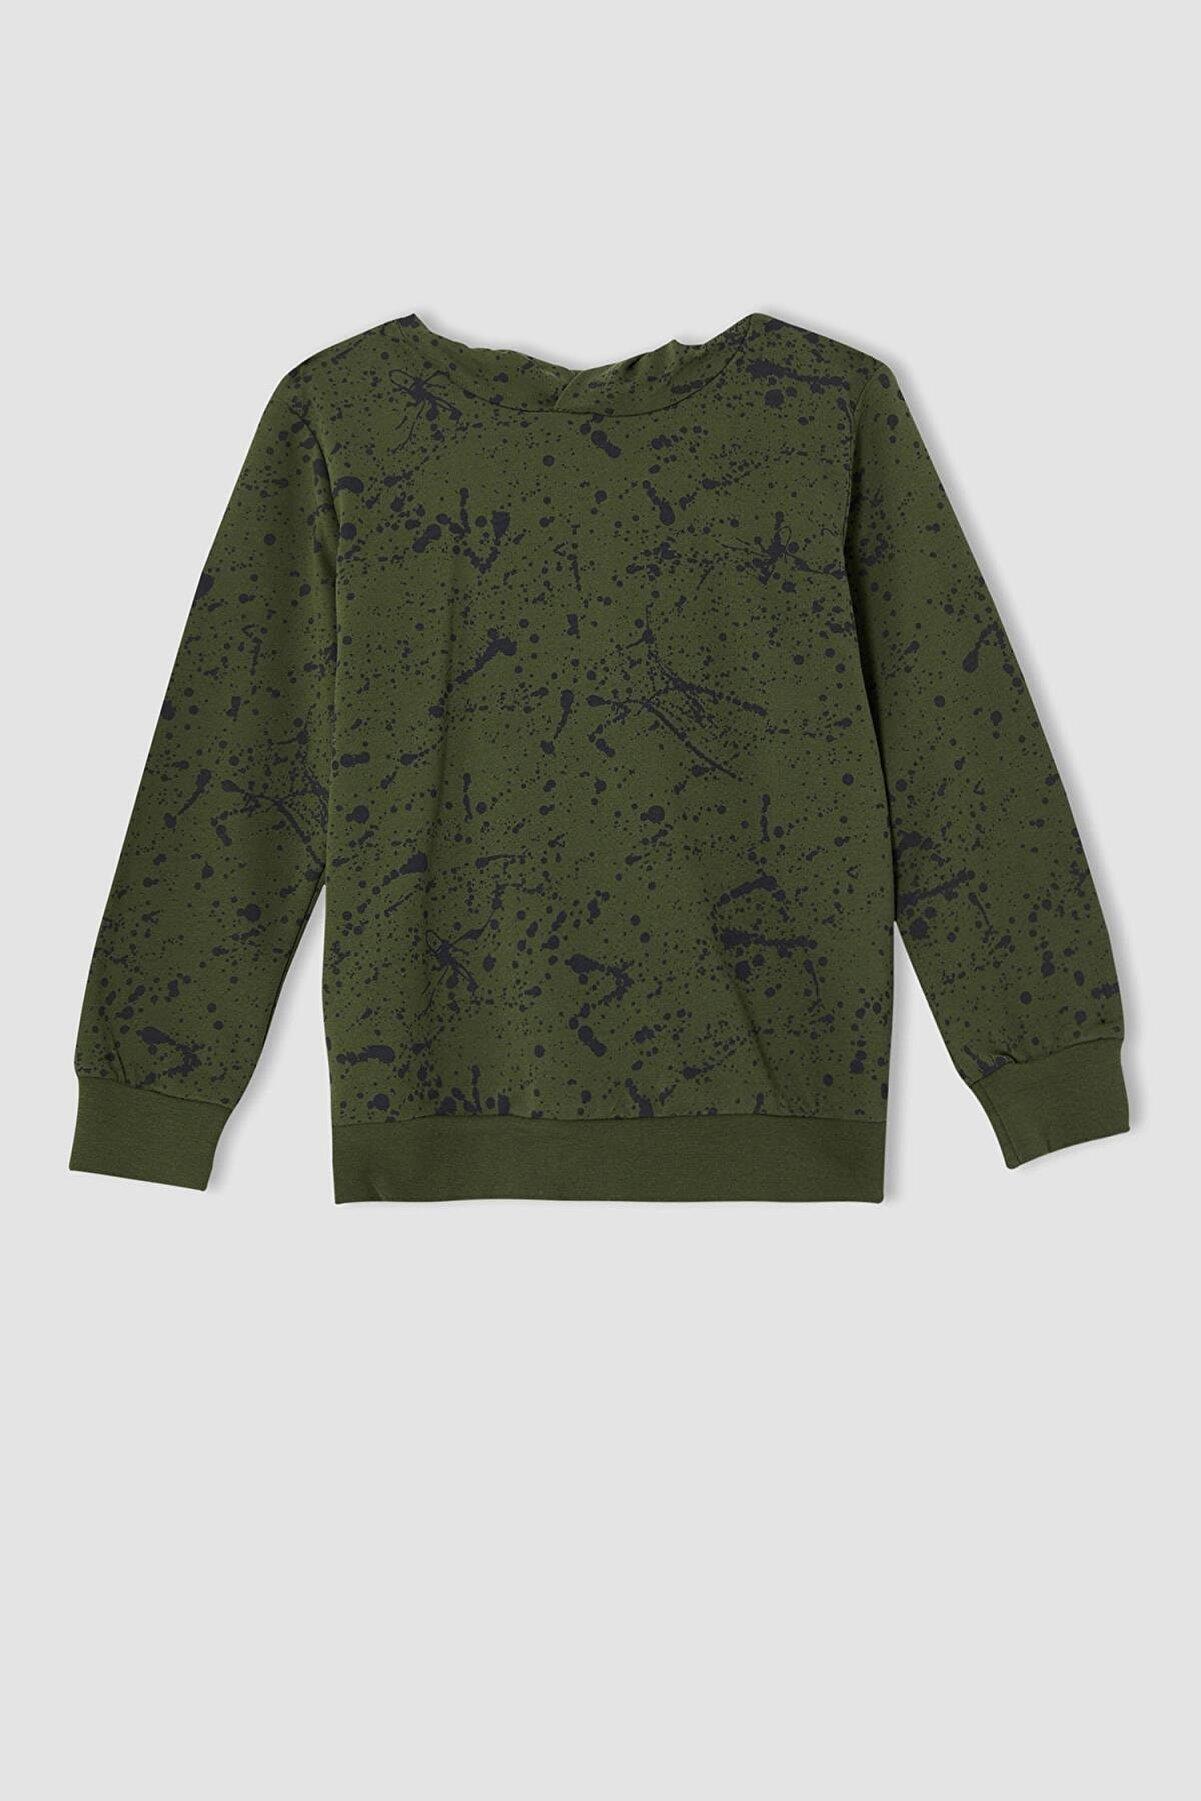 Defacto Erkek Çocuk Yeşil Sıçratma Desenli Kapüşonlu Sweatshirt